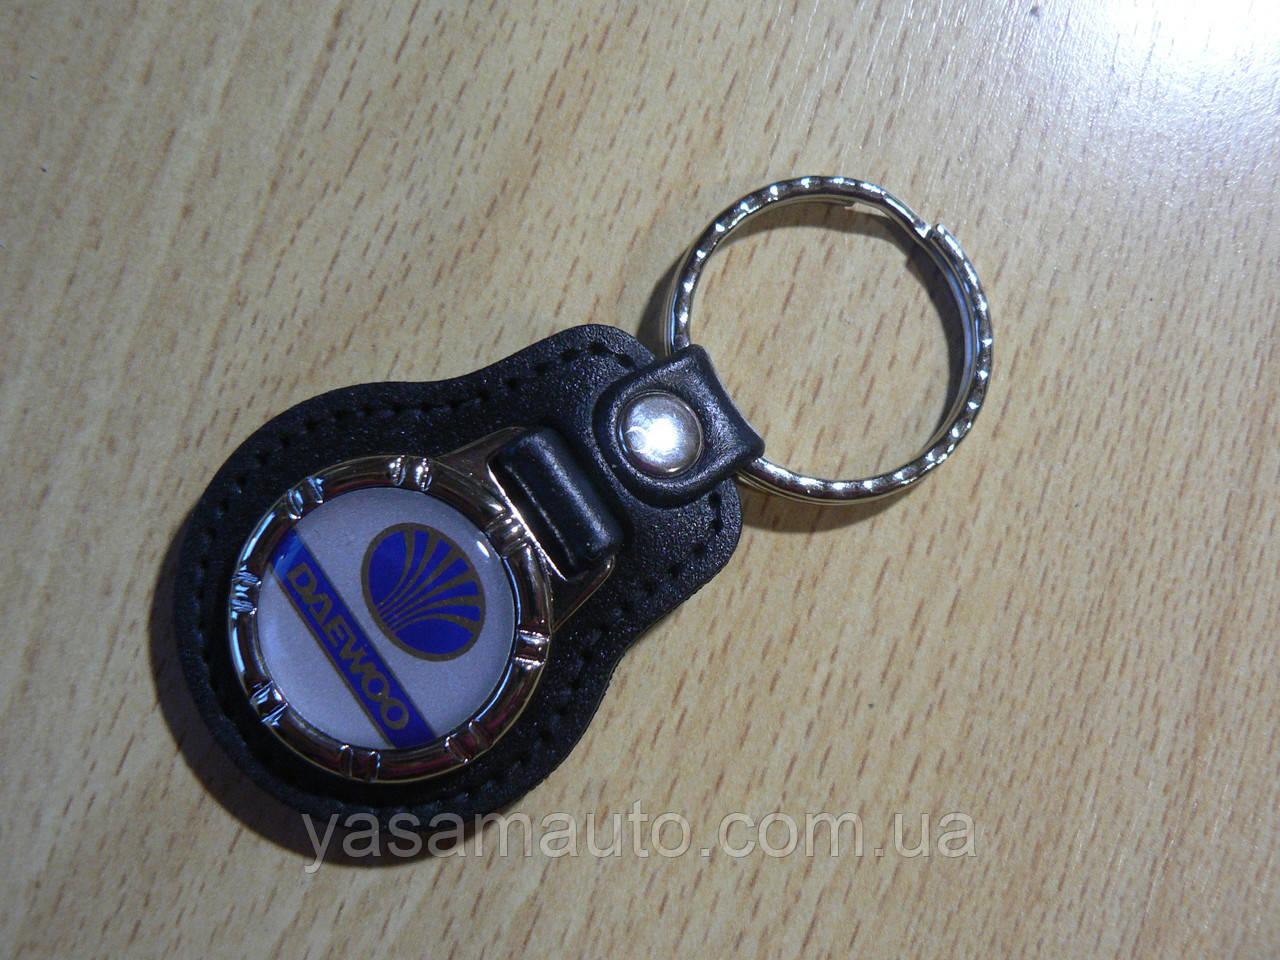 Брелок кожзам округлый Daewoo Уценка пятно на заклепке эмблема Деу автомобильный на авто ключи комбинированный